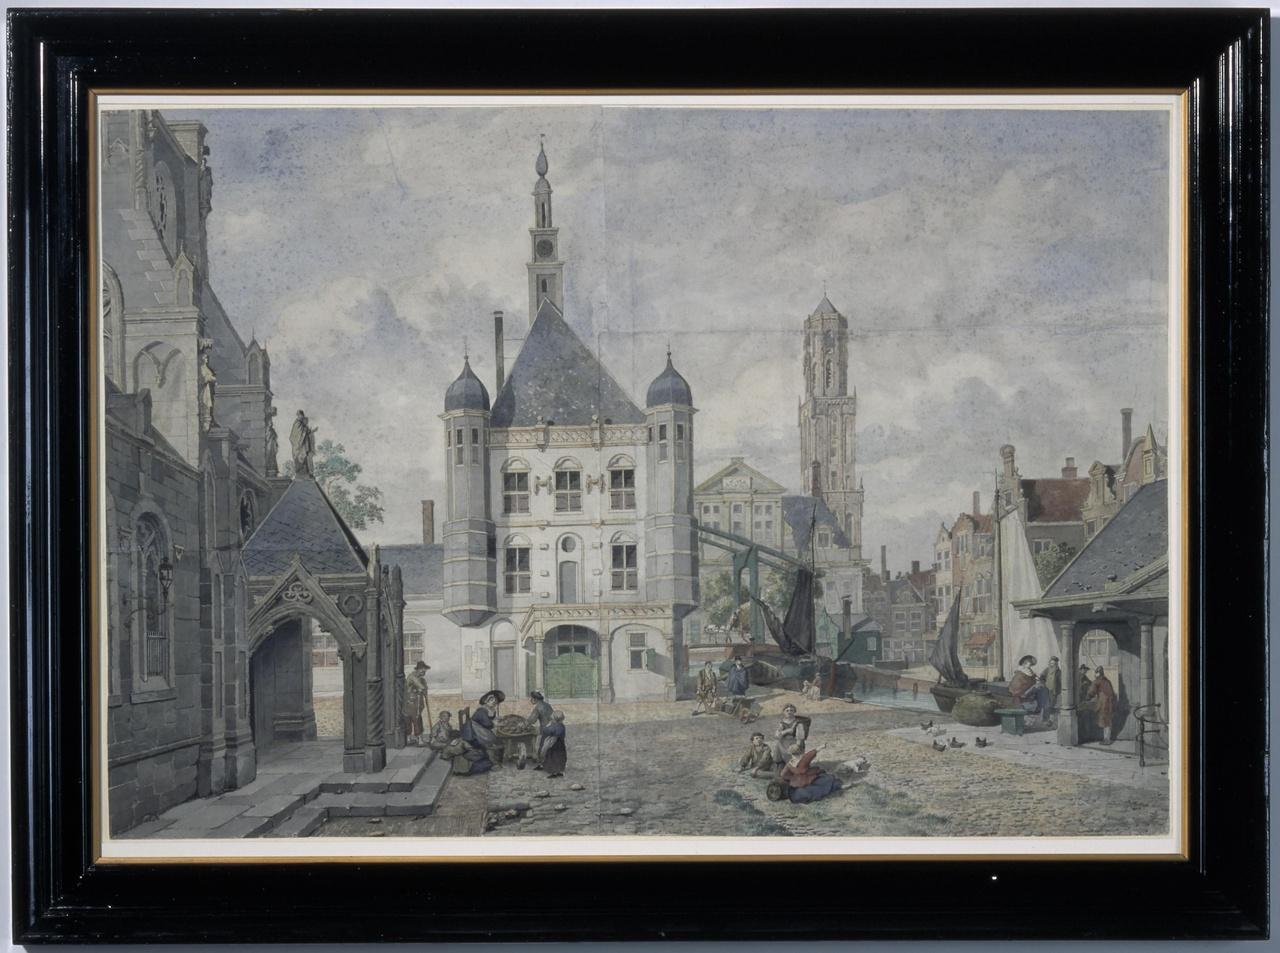 Stadsplein met de Domtoren van Utrecht